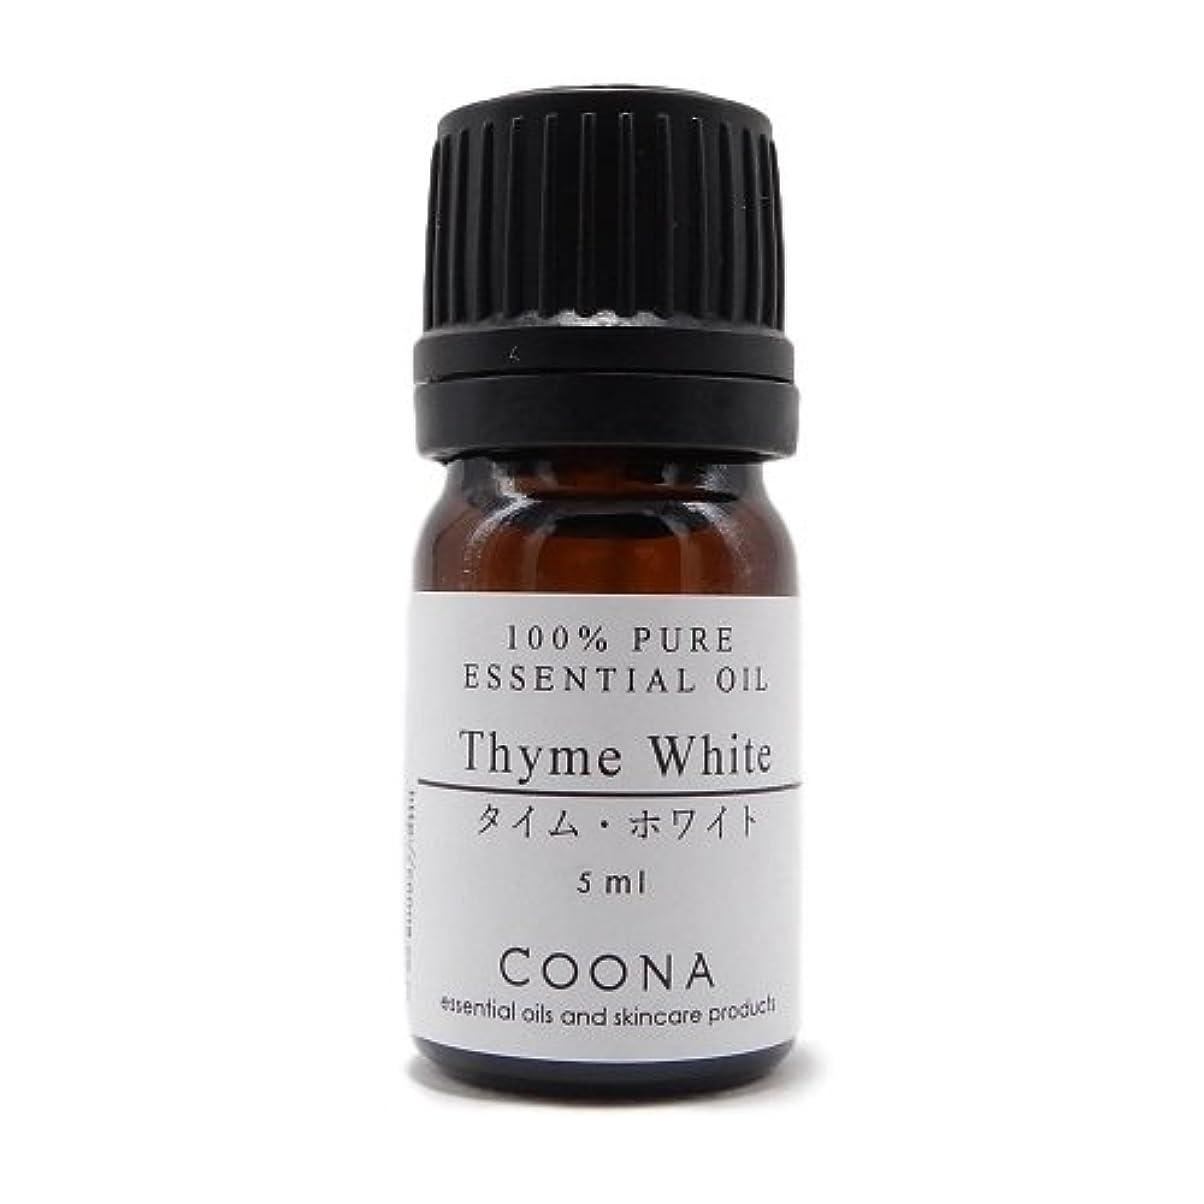 アルカイックブル猟犬タイム ホワイト 5 ml (COONA エッセンシャルオイル アロマオイル 100%天然植物精油)